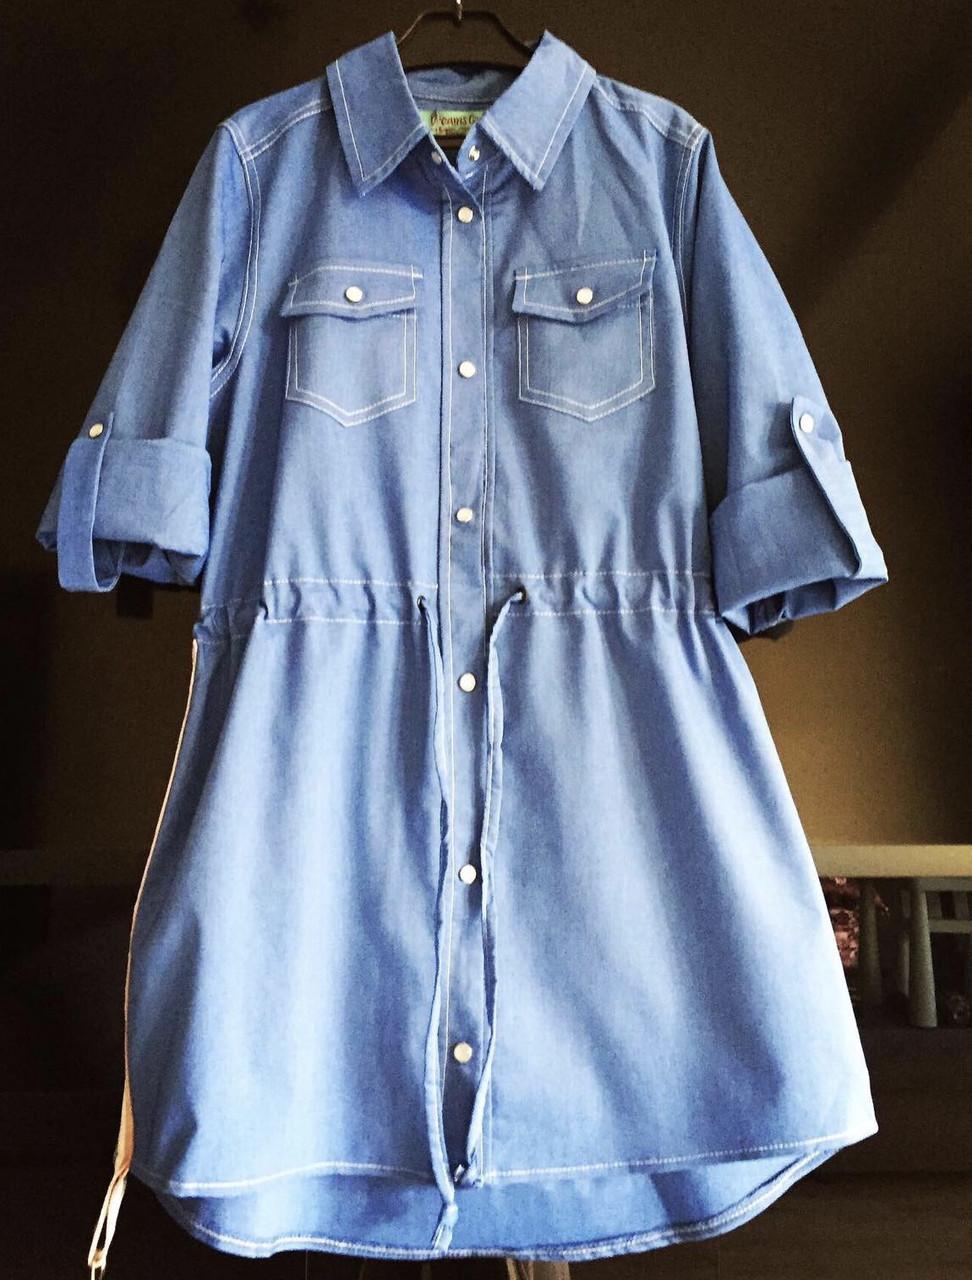 {есть:146} Платье-рубашка для девочек,  Артикул: DG6221 [146]